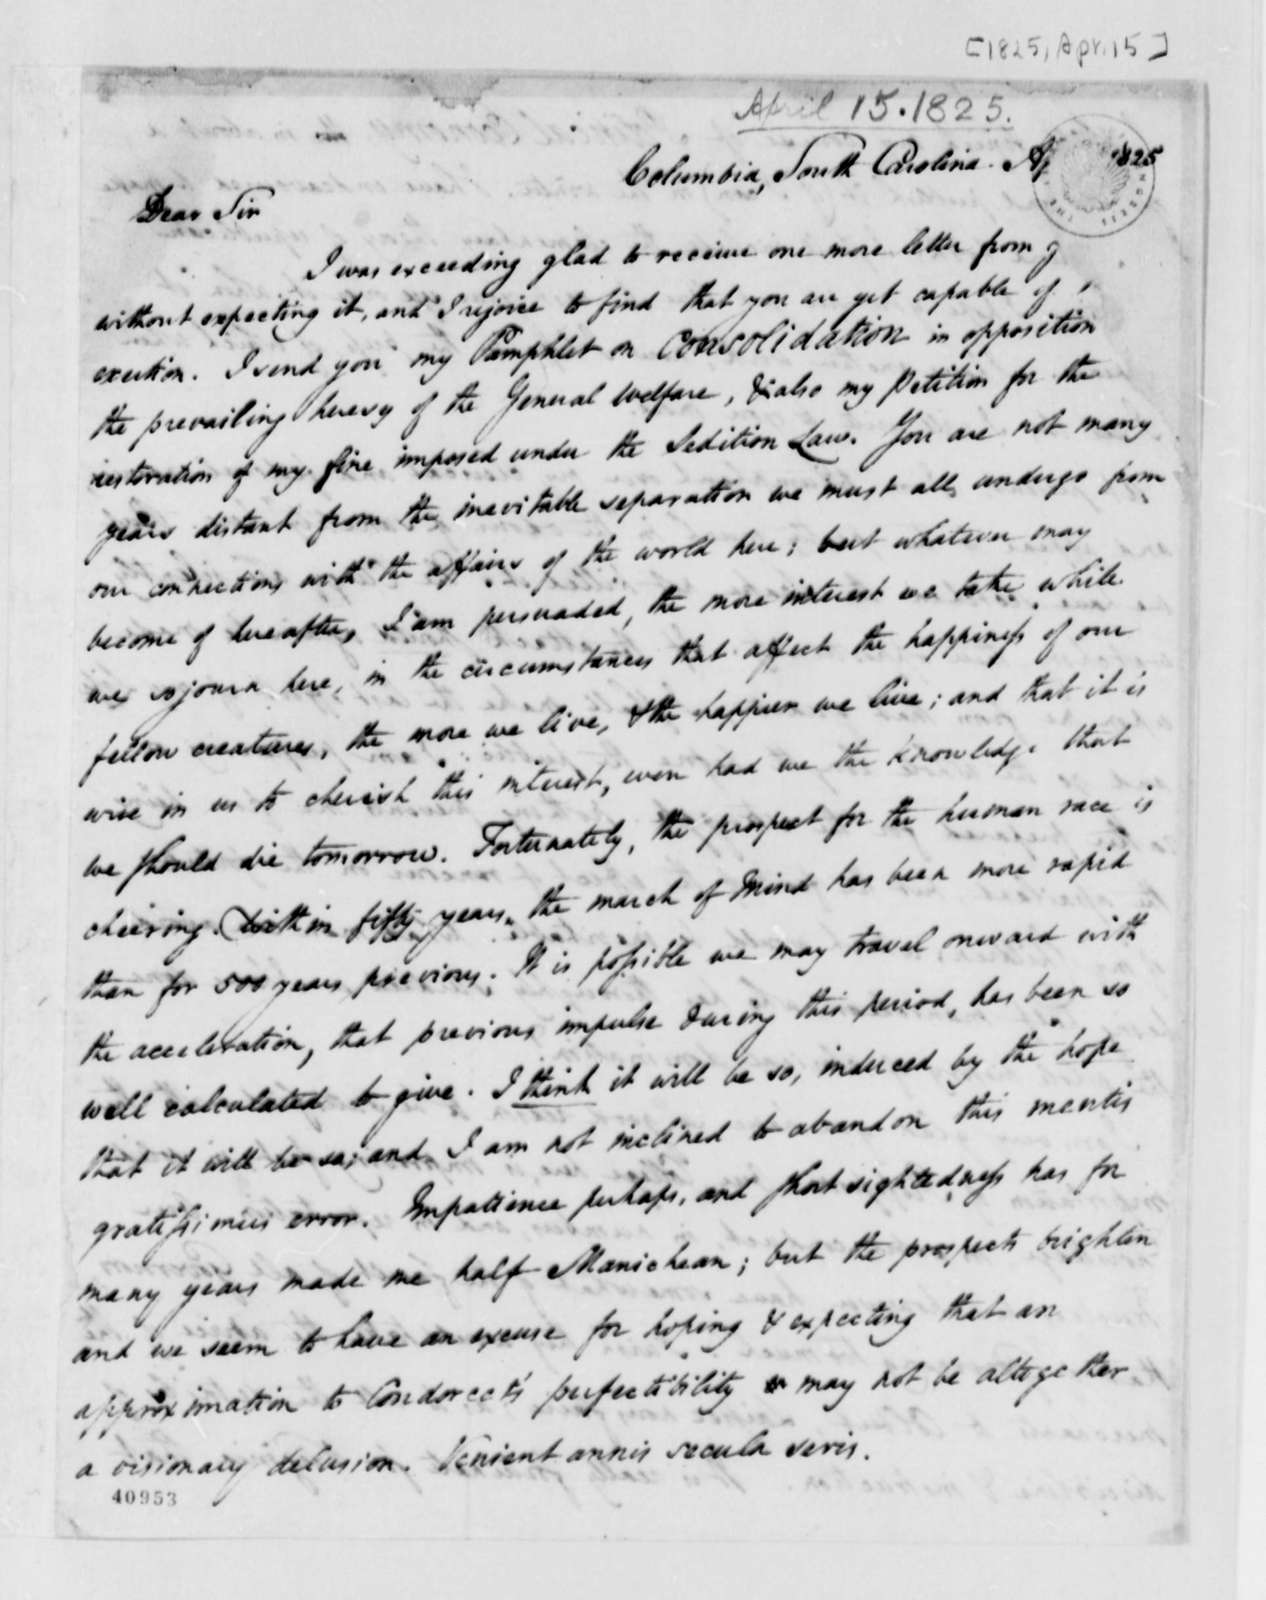 Thomas Cooper to Thomas Jefferson, April 15, 1825